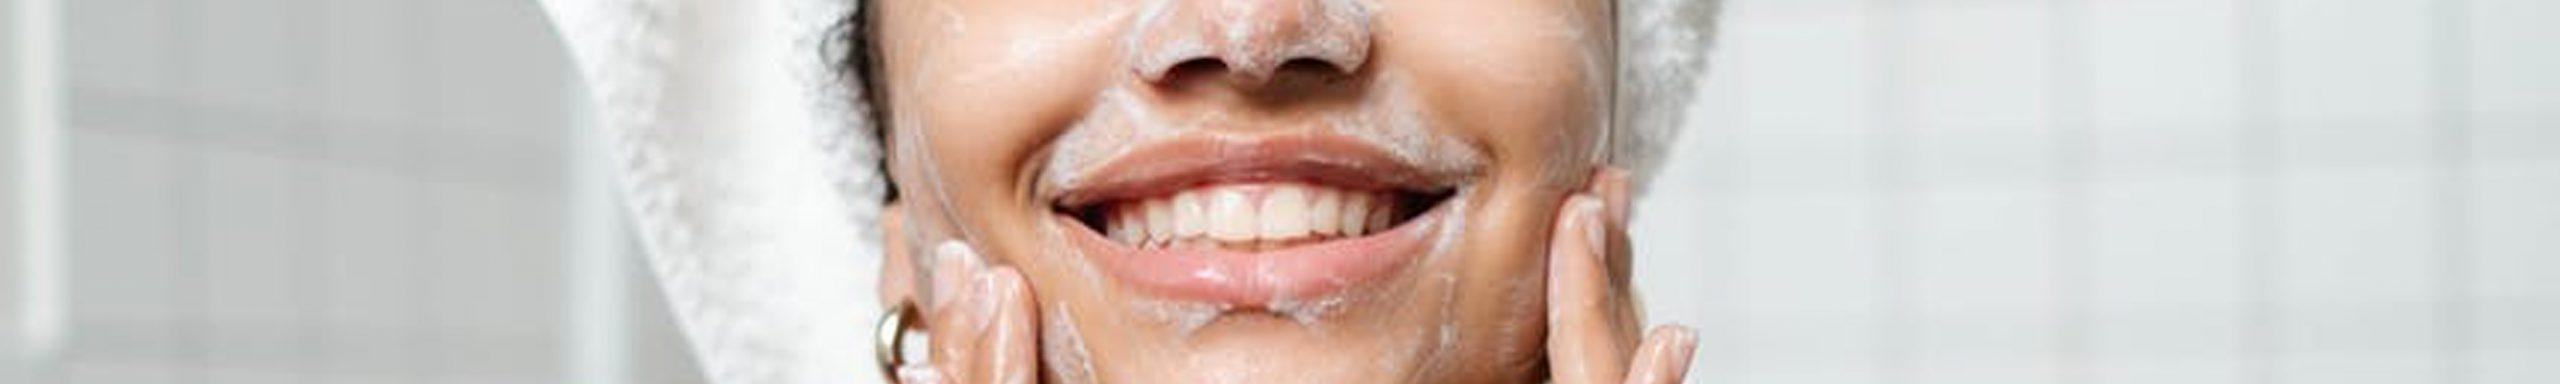 rostro de mujer sonriente, lavándose la cara